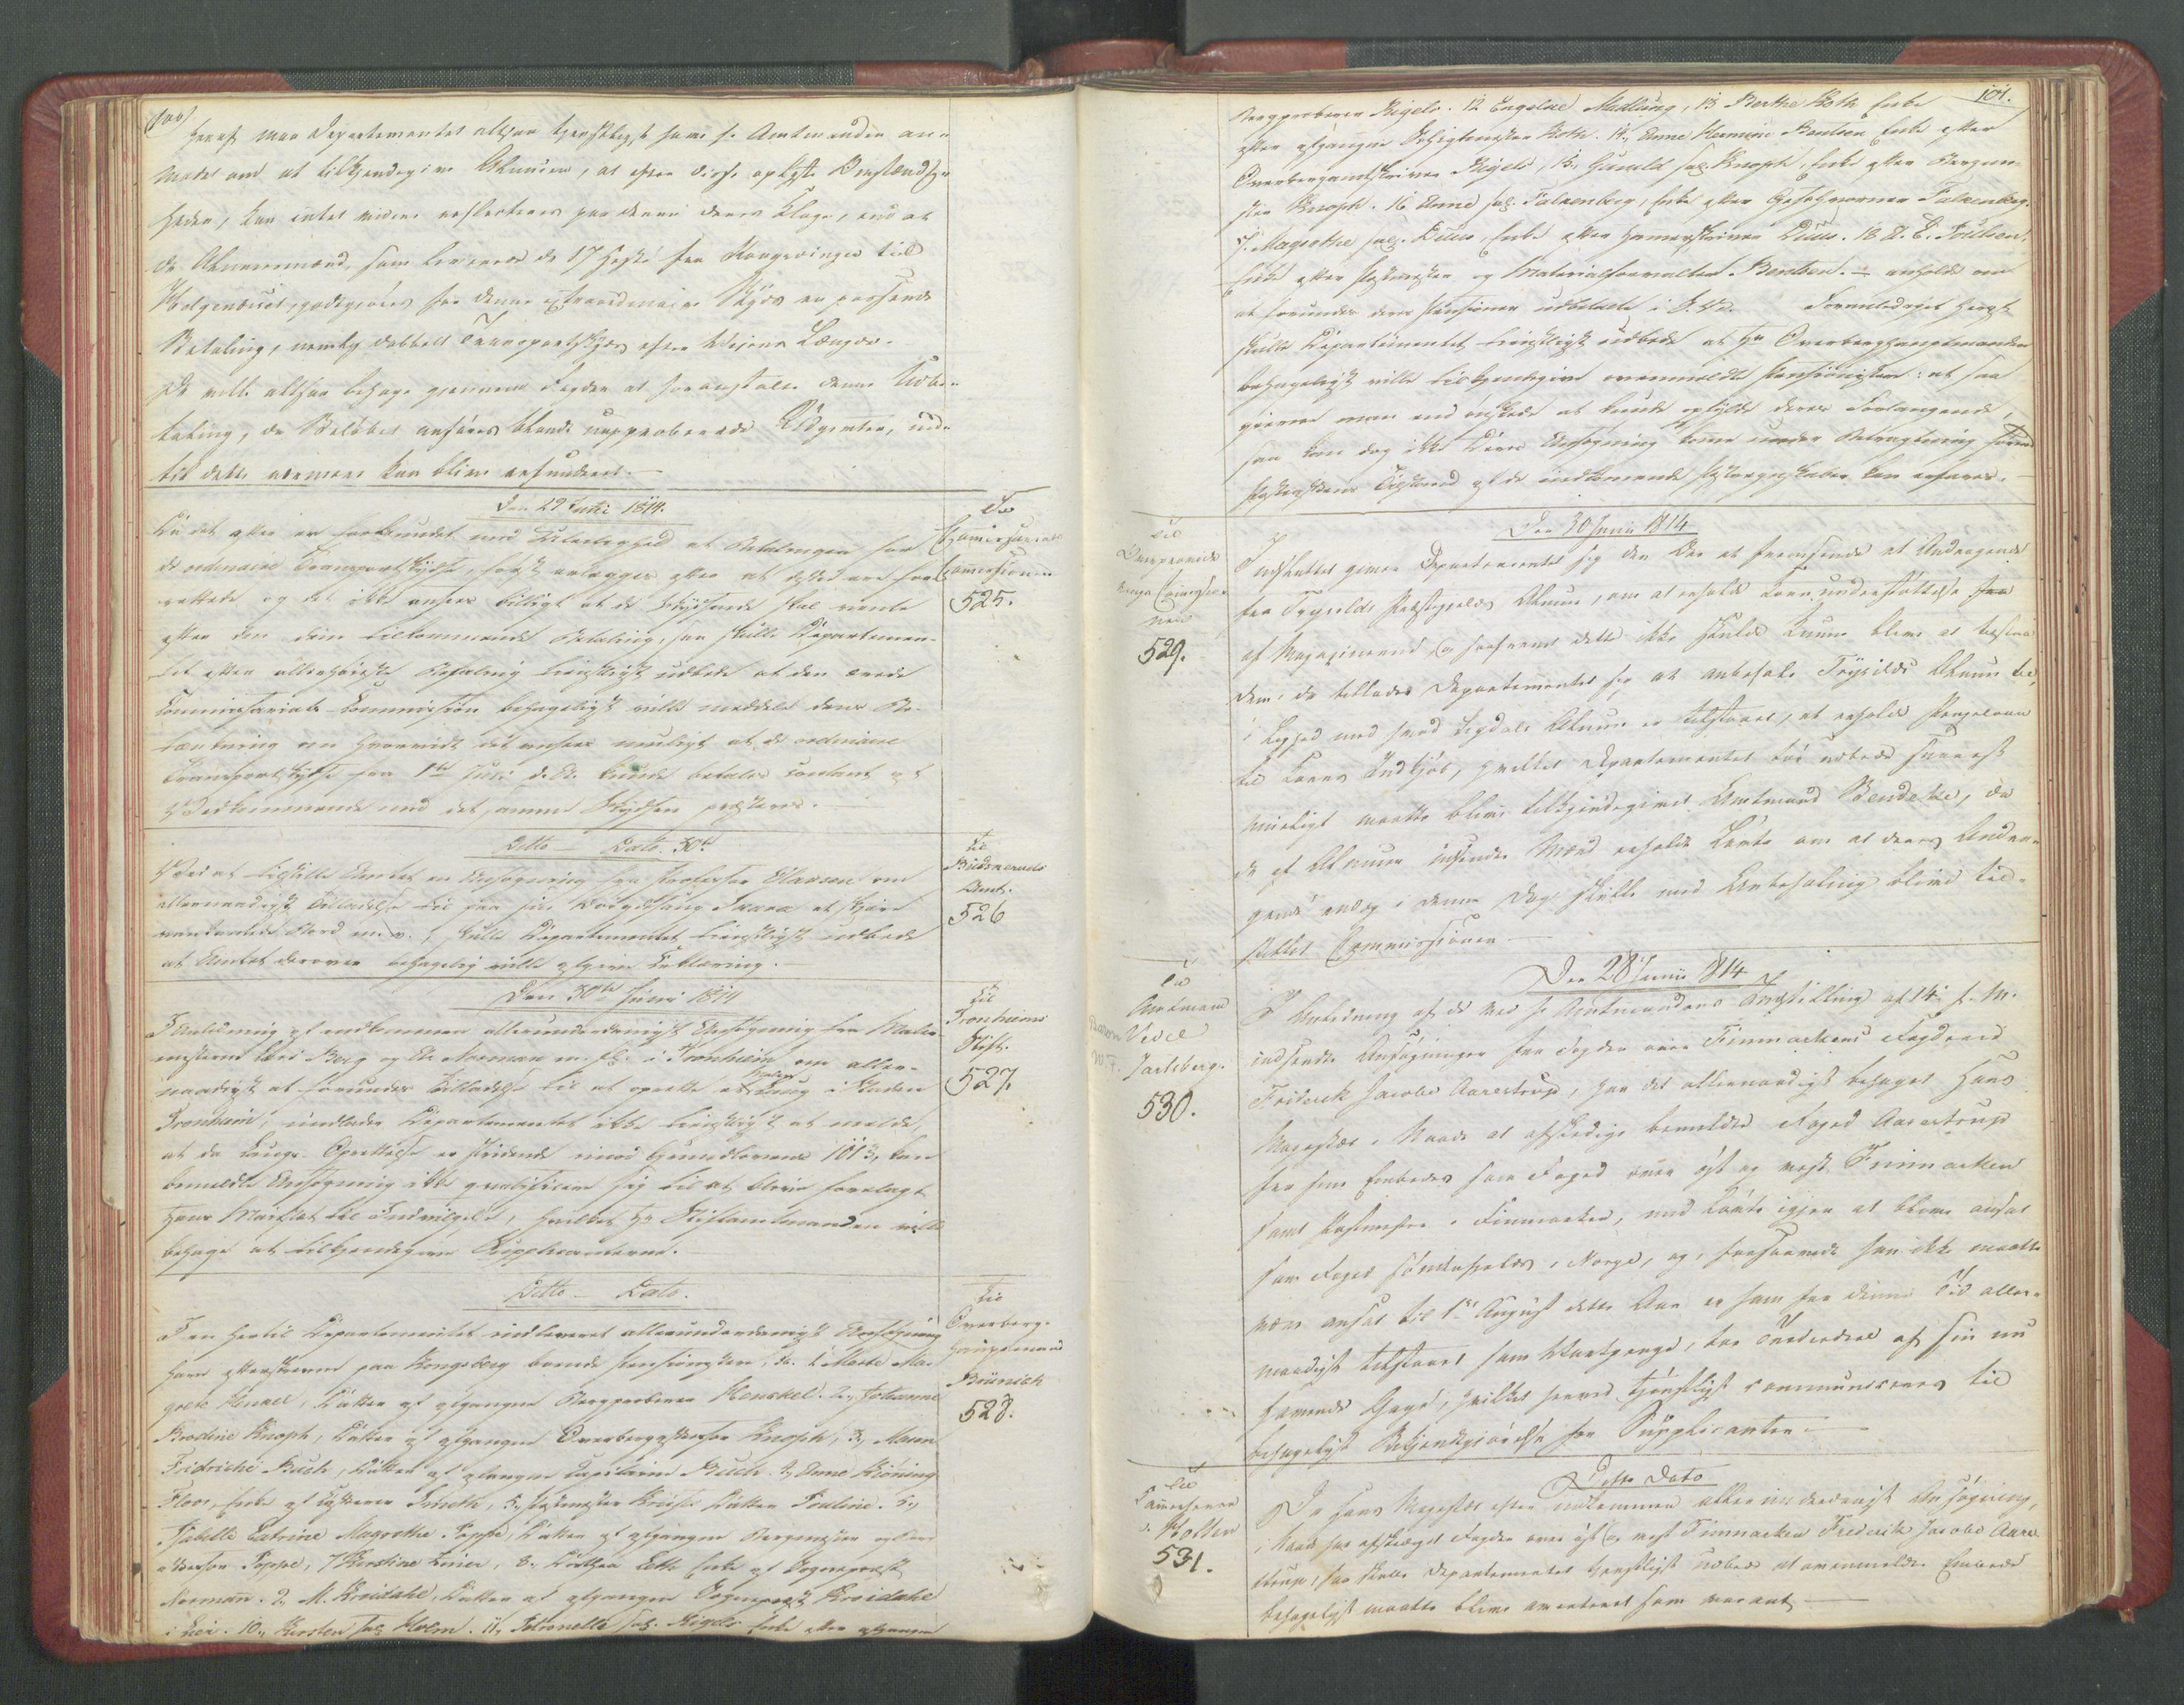 RA, Departementene i 1814, Fb/L0028: Kopibok 1-1371, 1814, s. 100-101